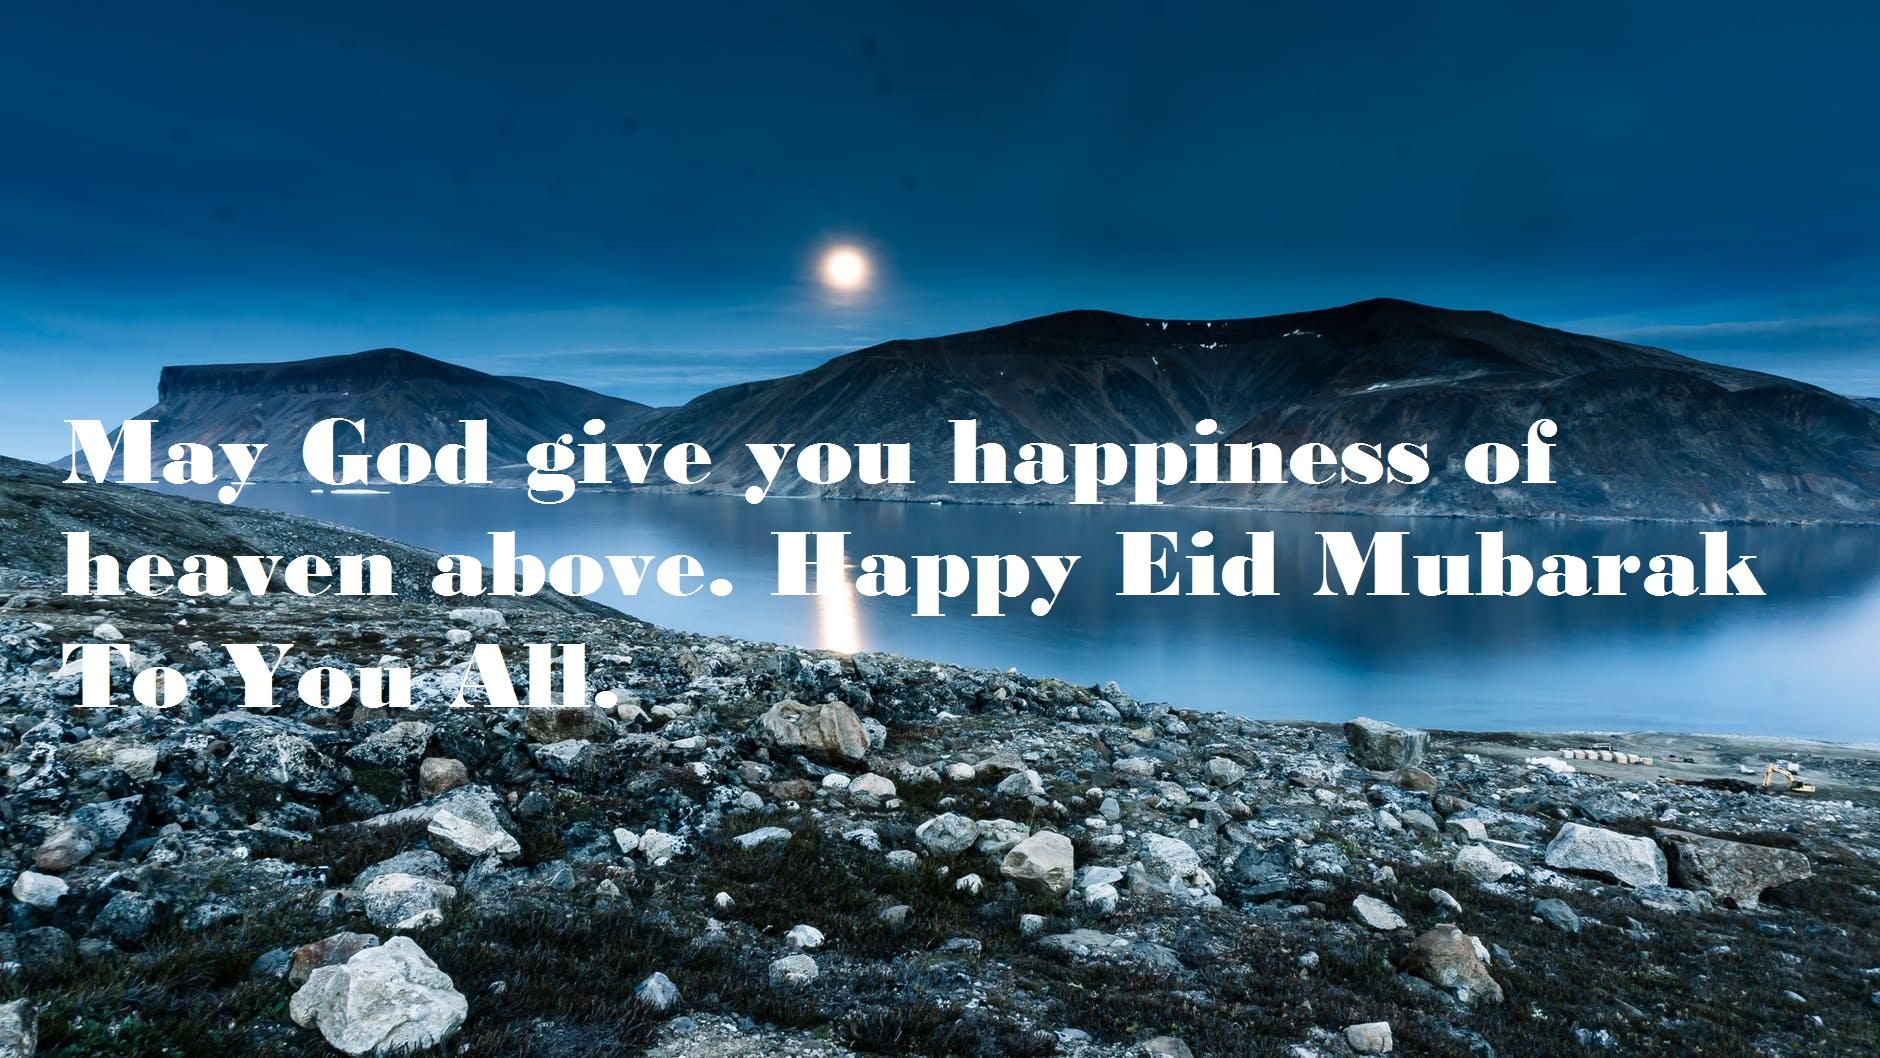 Happy Eid Ul Fitr Wishes in English